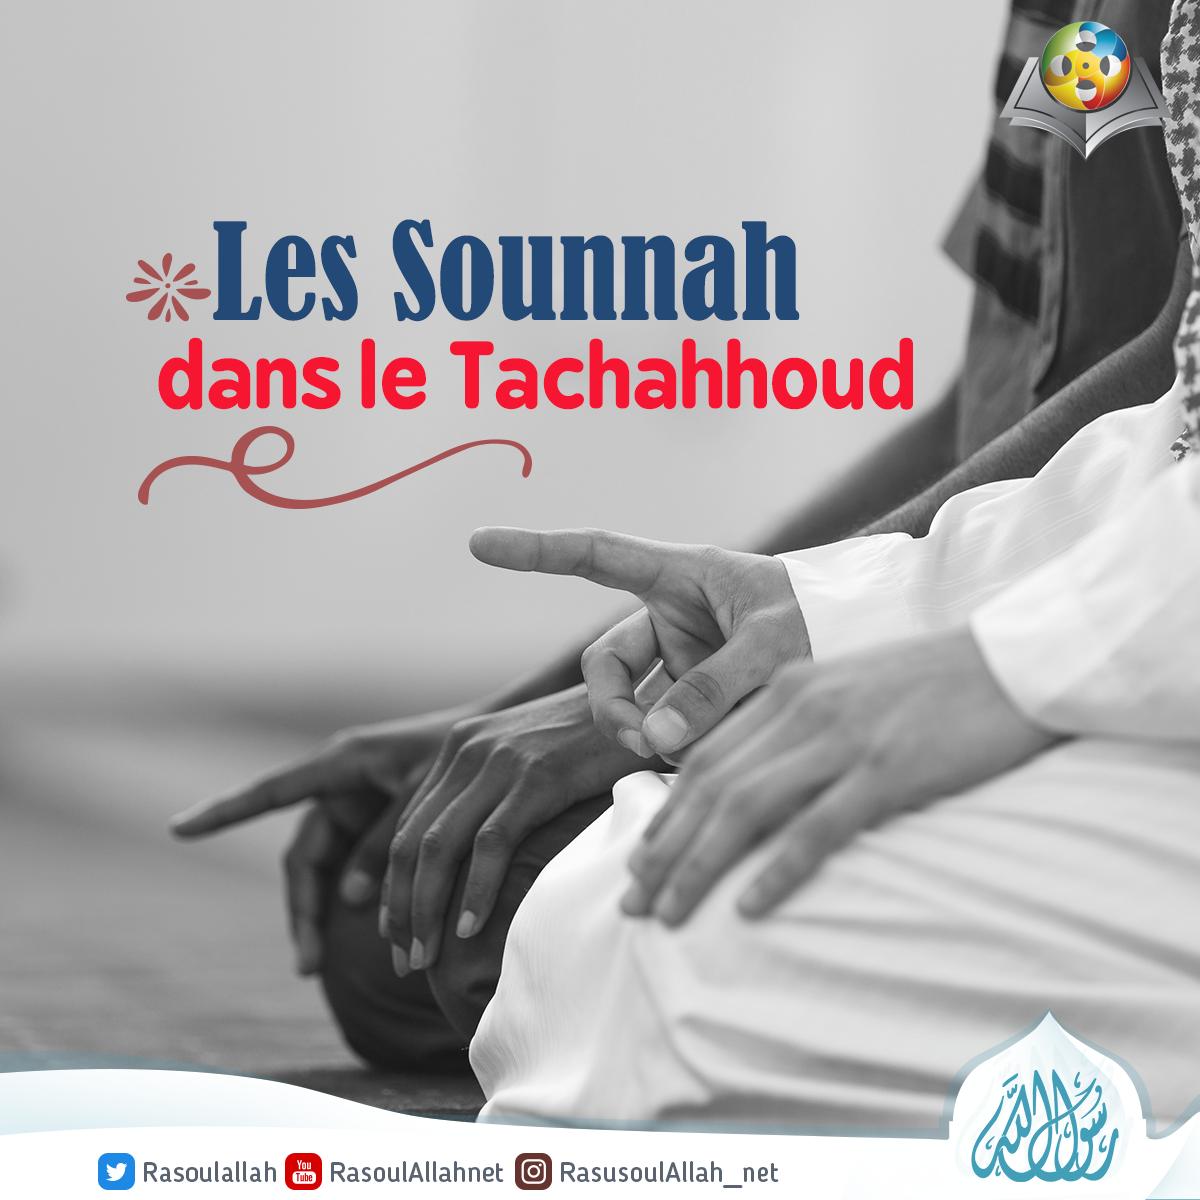 Les Sounnah dans le Tachahhoud